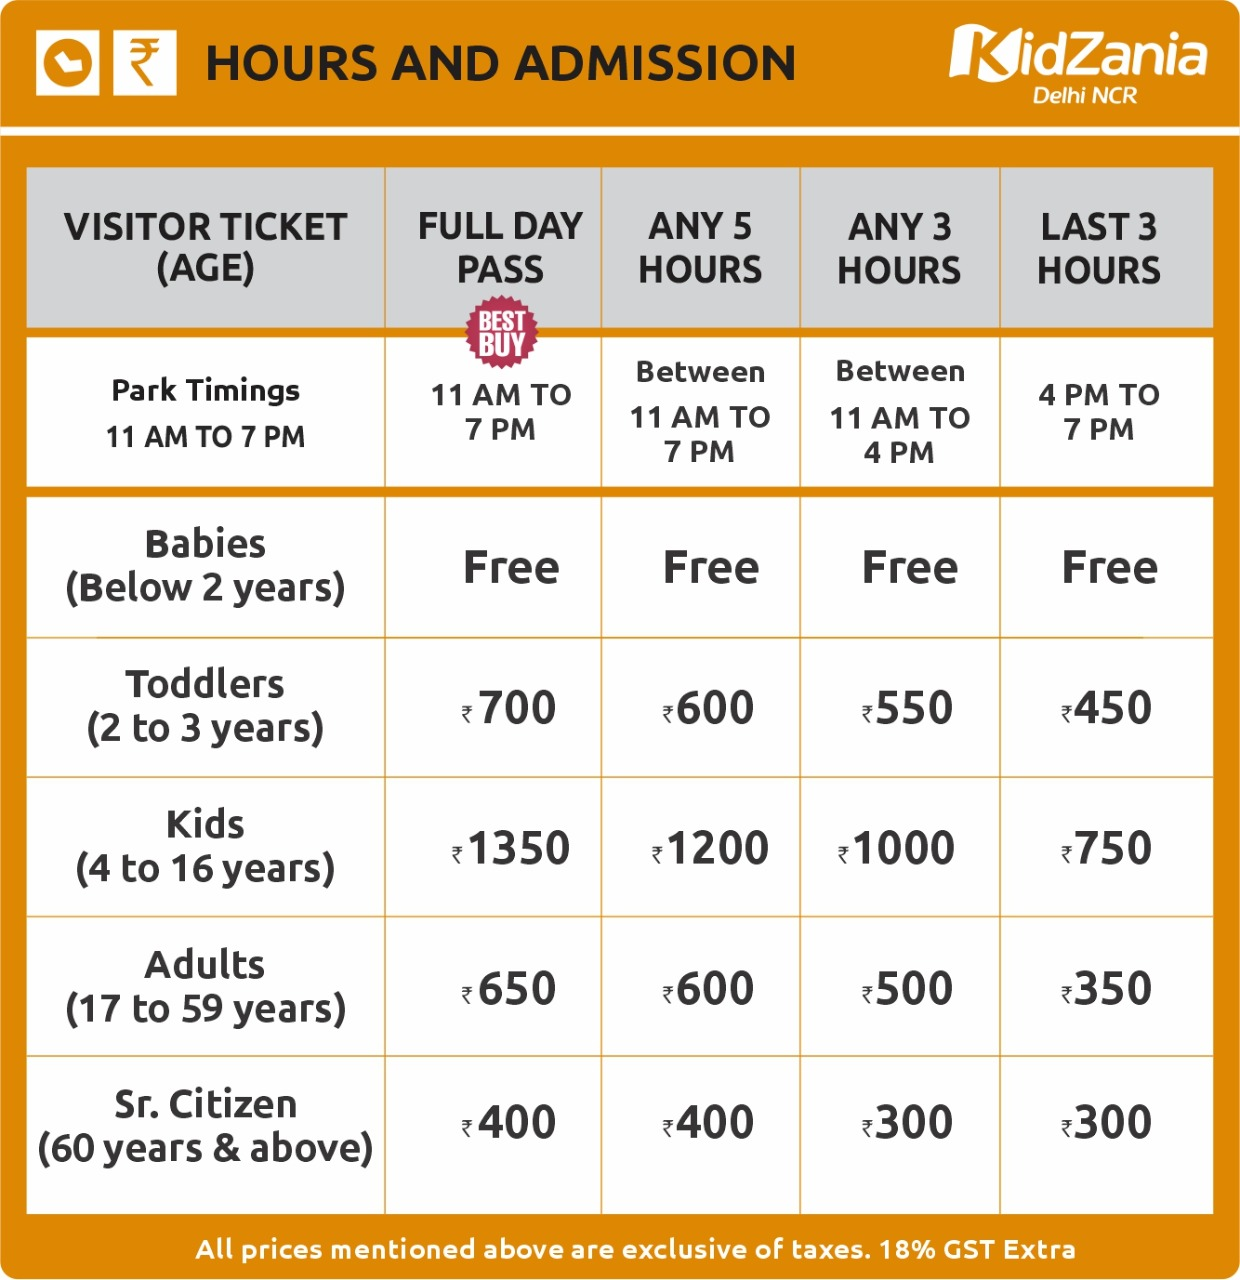 KidZania Delhi NCR Ticket Prices